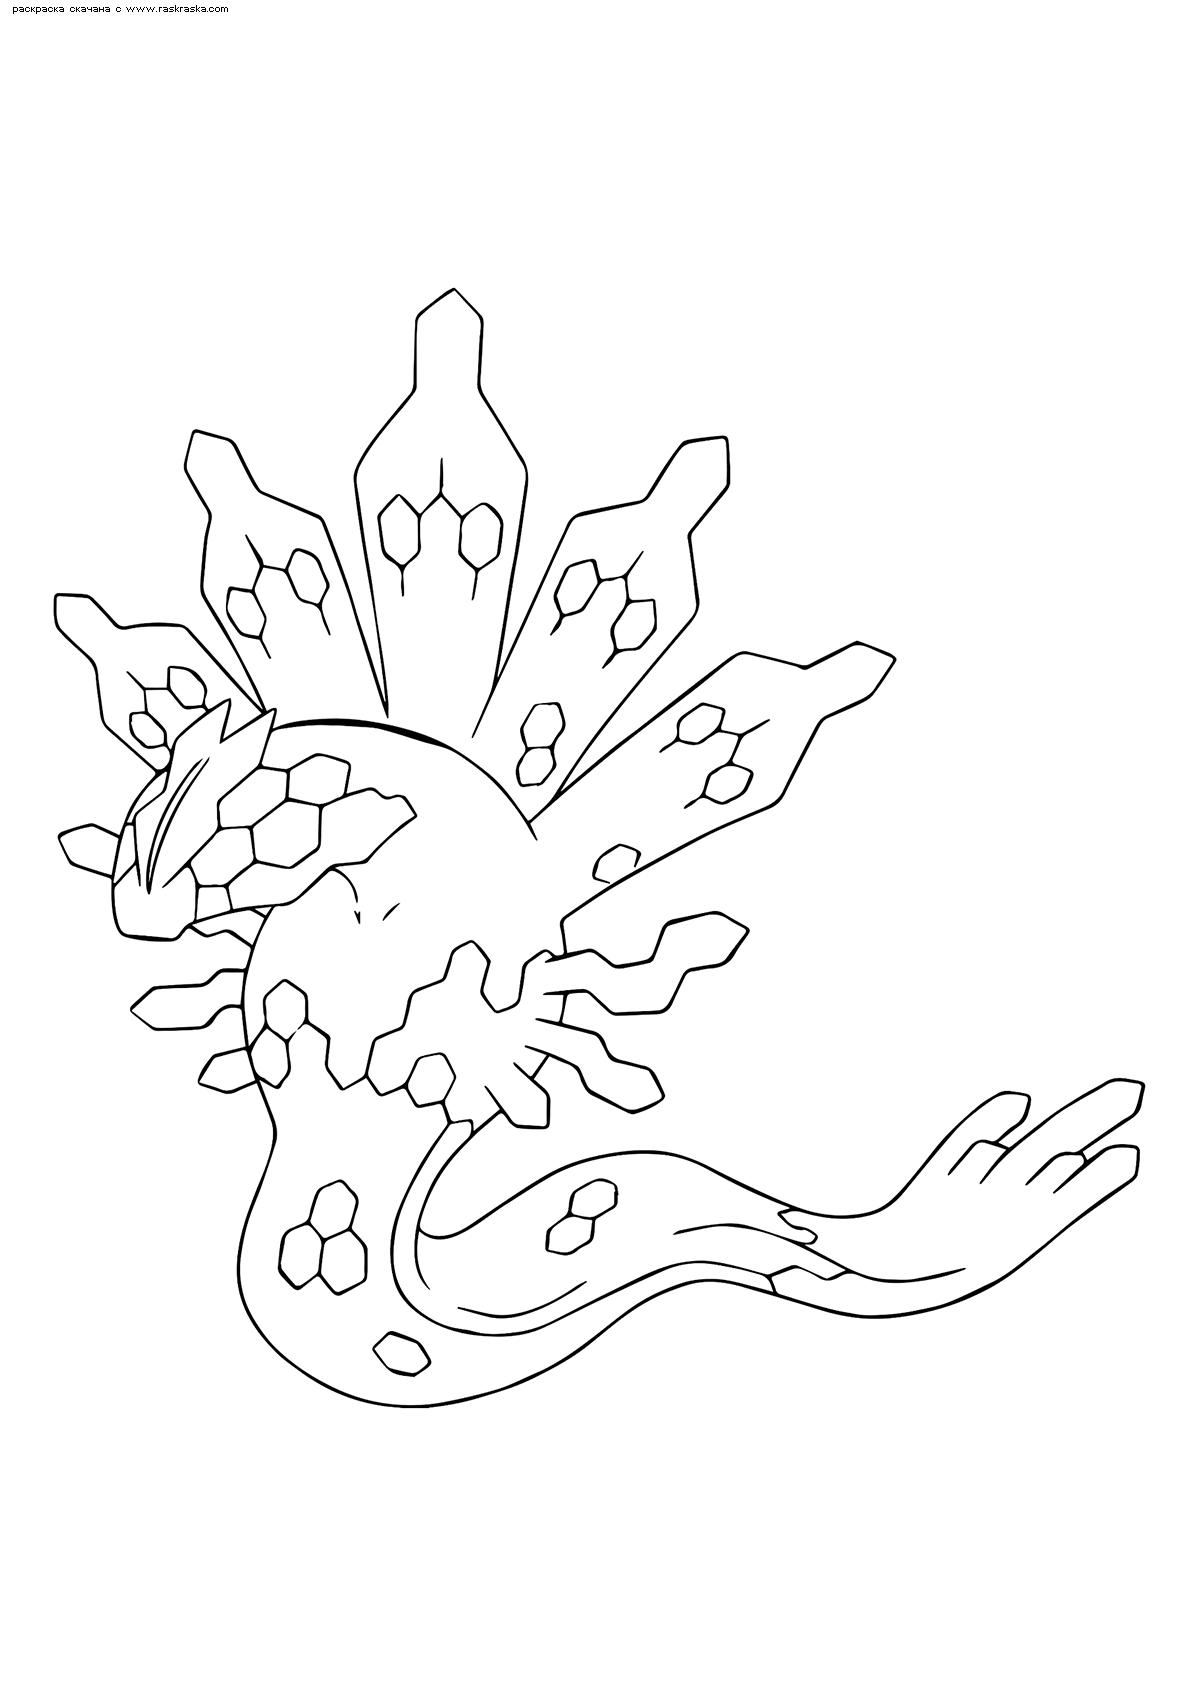 Раскраска Легендарный покемон Зайгард (Zygarde). Раскраска Покемон